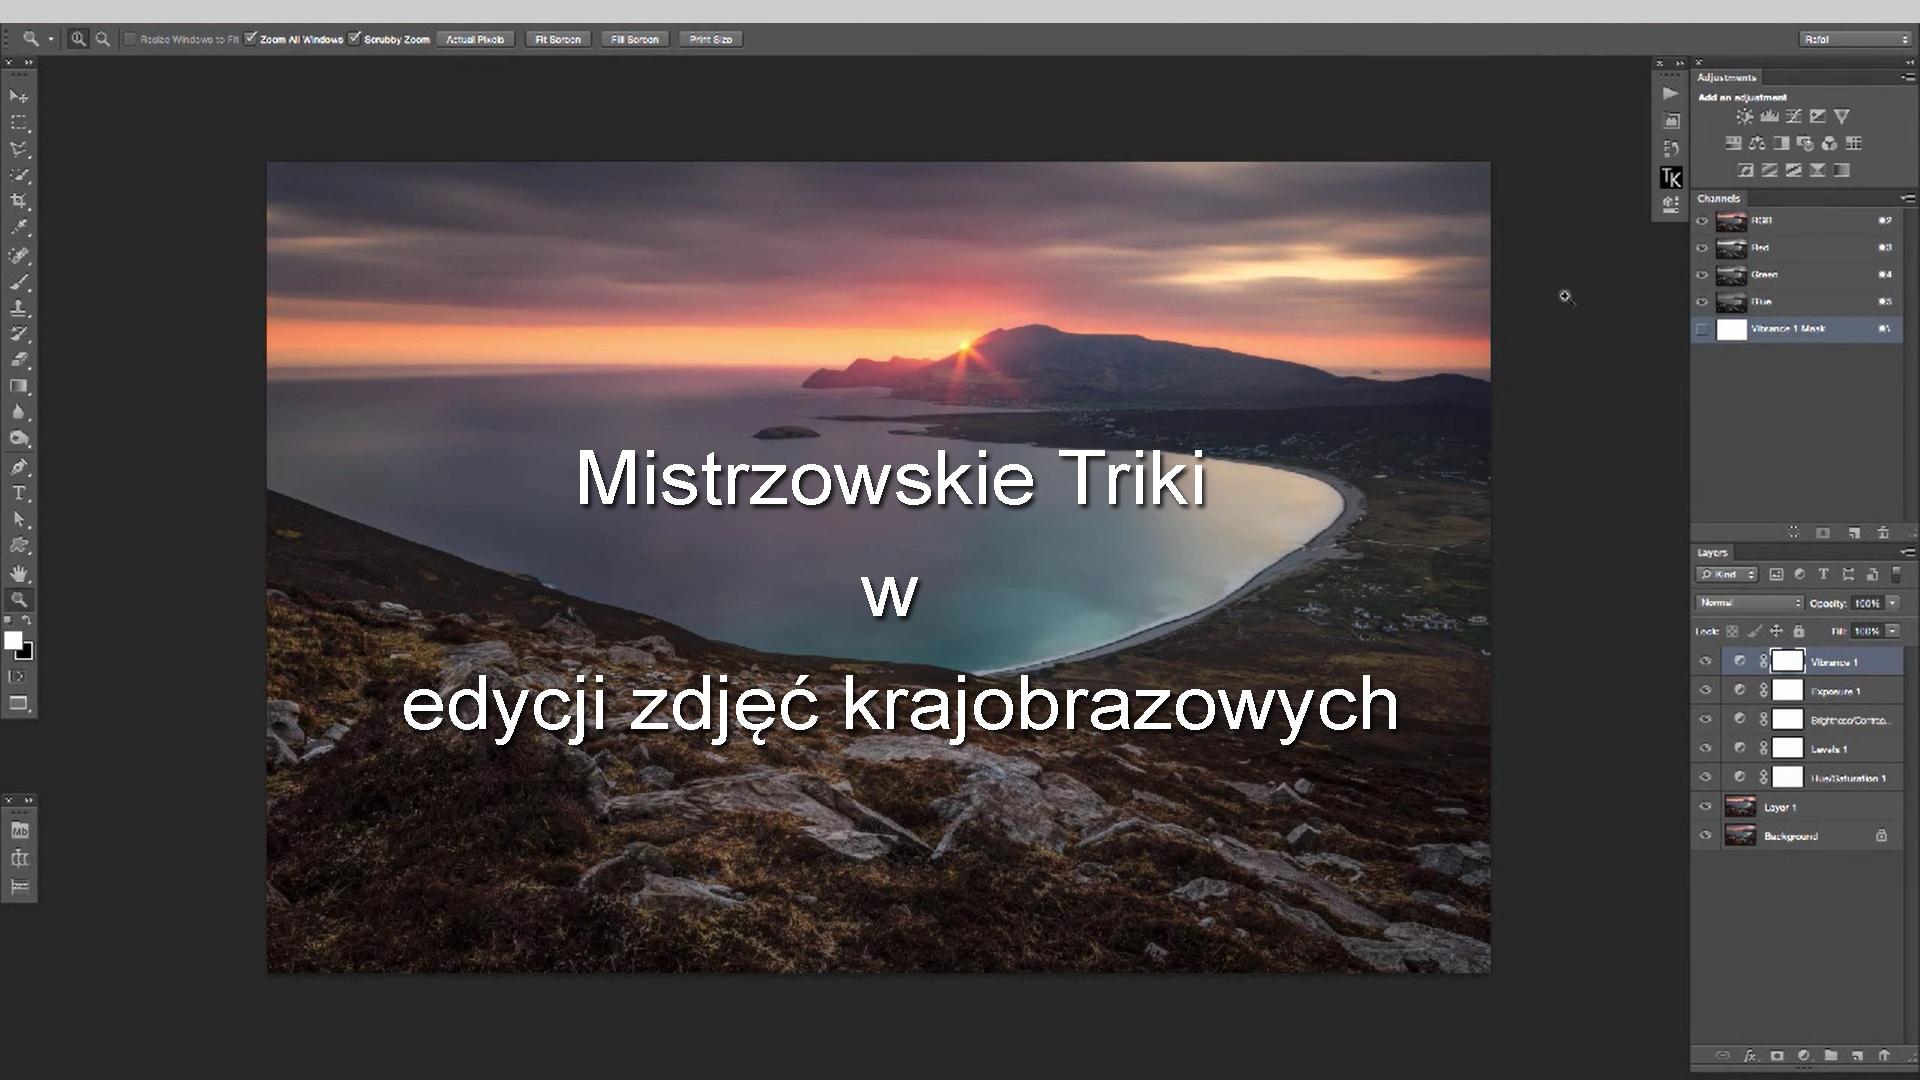 Mistrzowskie triki w edycji zdjęć krajobrazowych